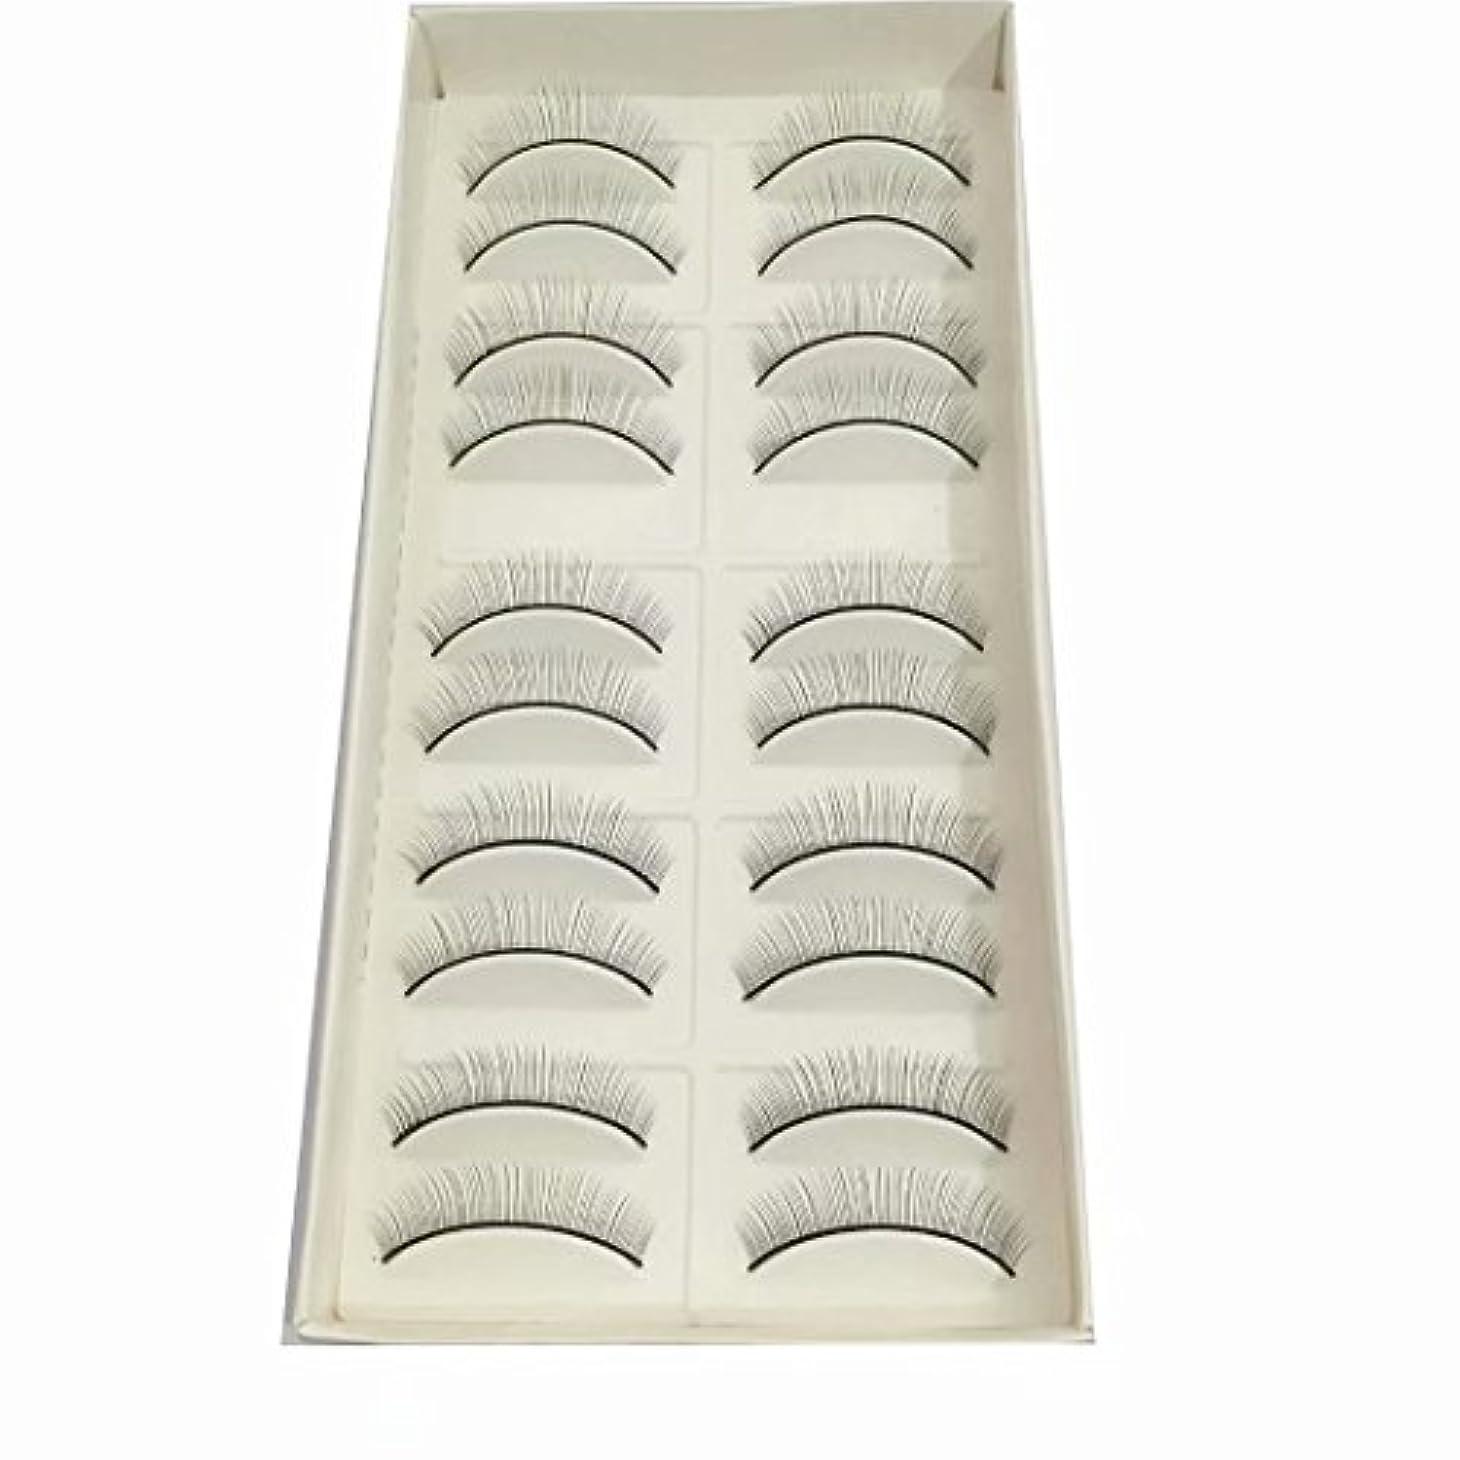 グレー十分に掃く練習用つけまつげ トレーニング用睫毛 真ん中から両端に段々短くなる(真ん中だけ8mm) 10ペア入り